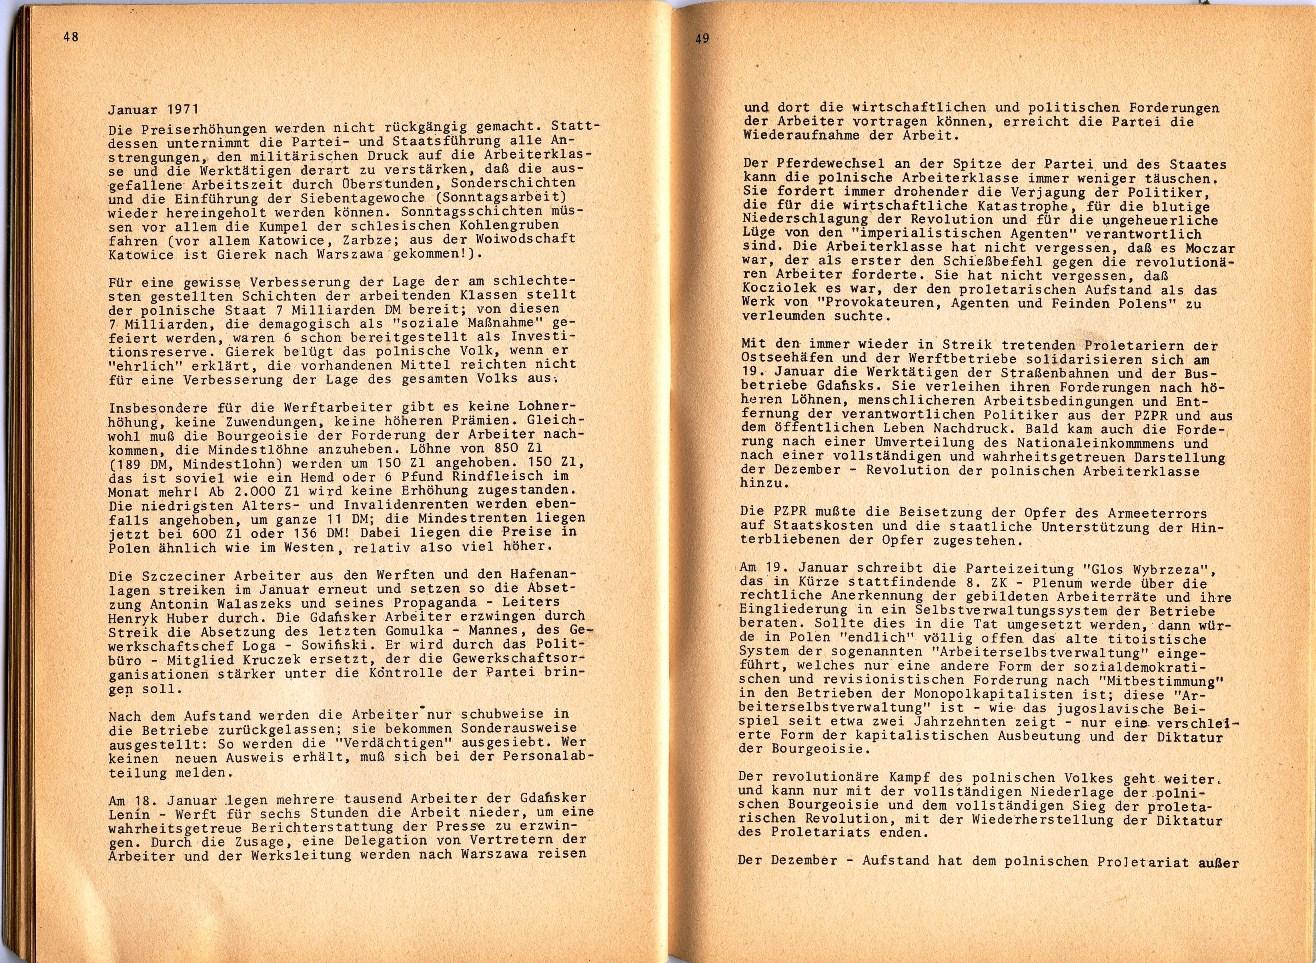 ZB_Polen_Aufstand_1971_28